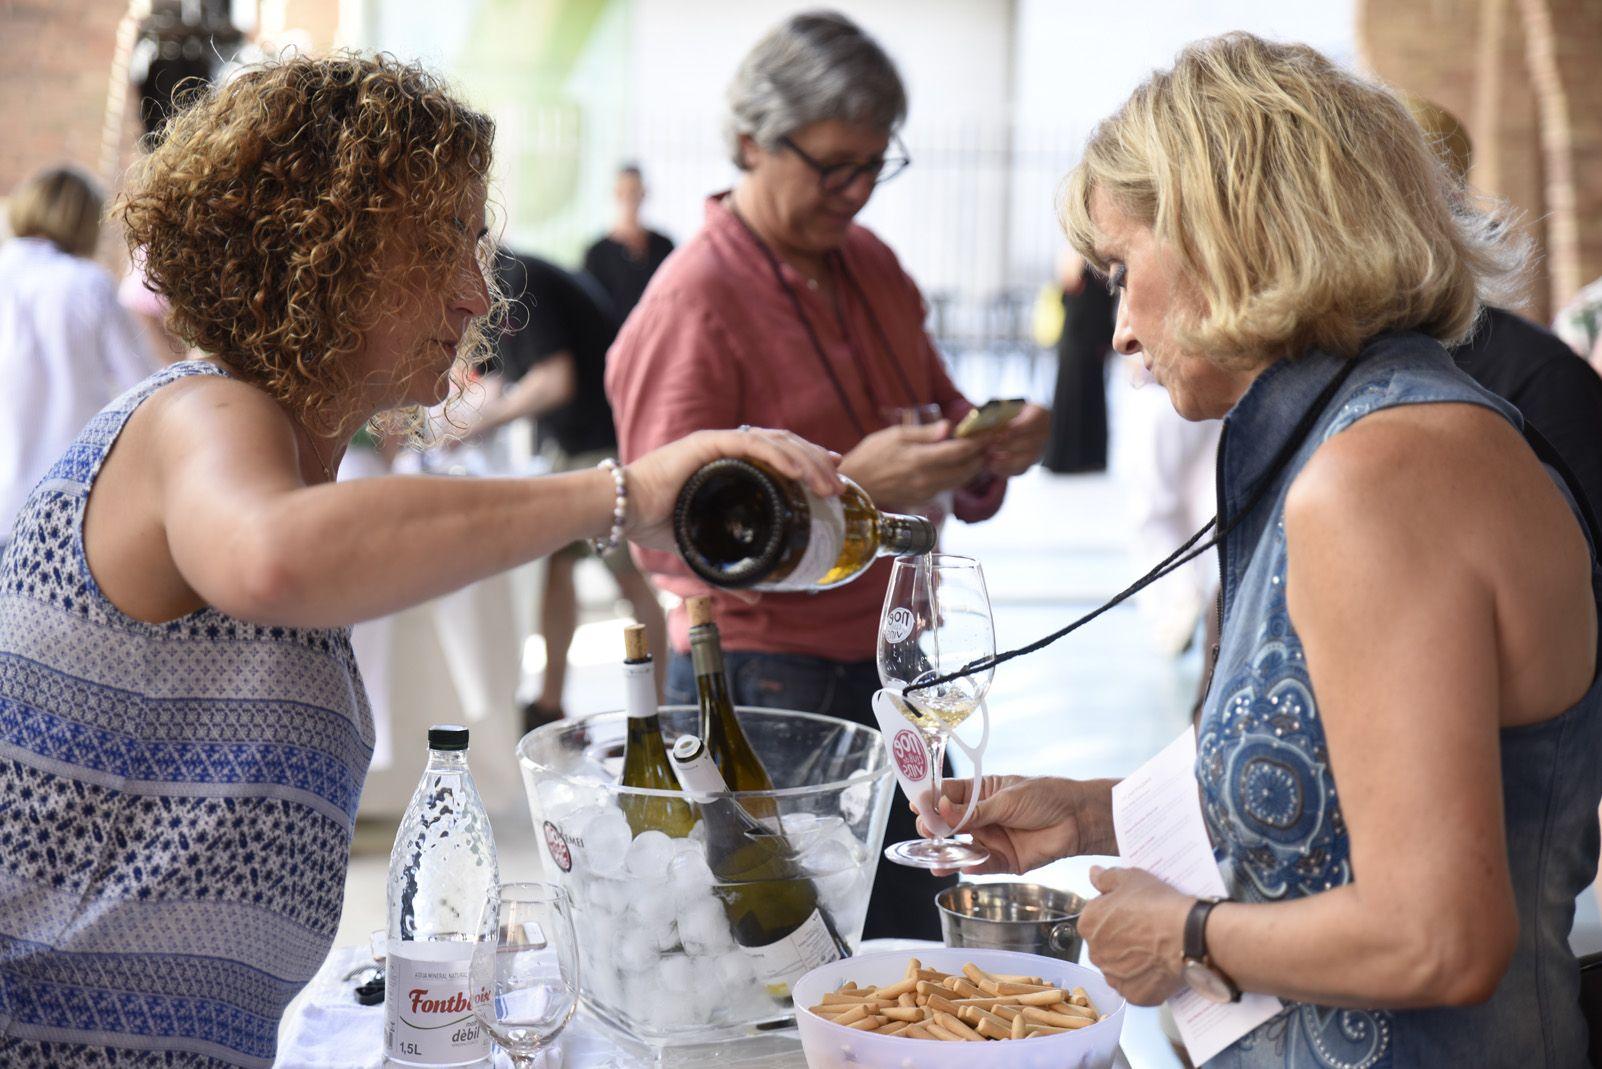 Tast de vins al celler modernista. Foto: Bernat Millet.